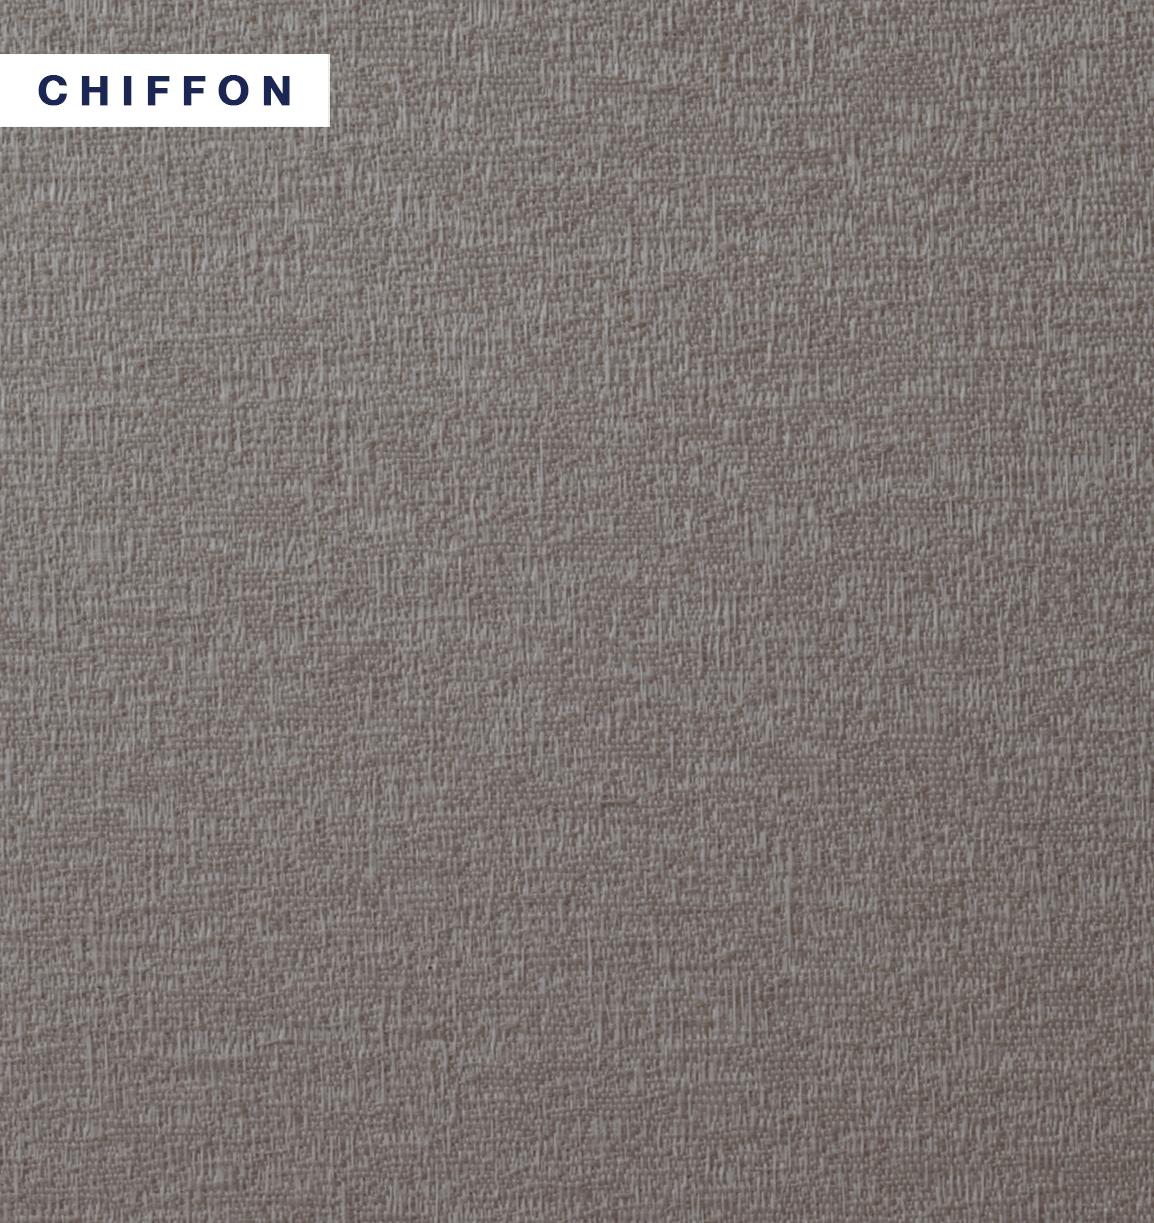 Skye - Chiffon.jpg